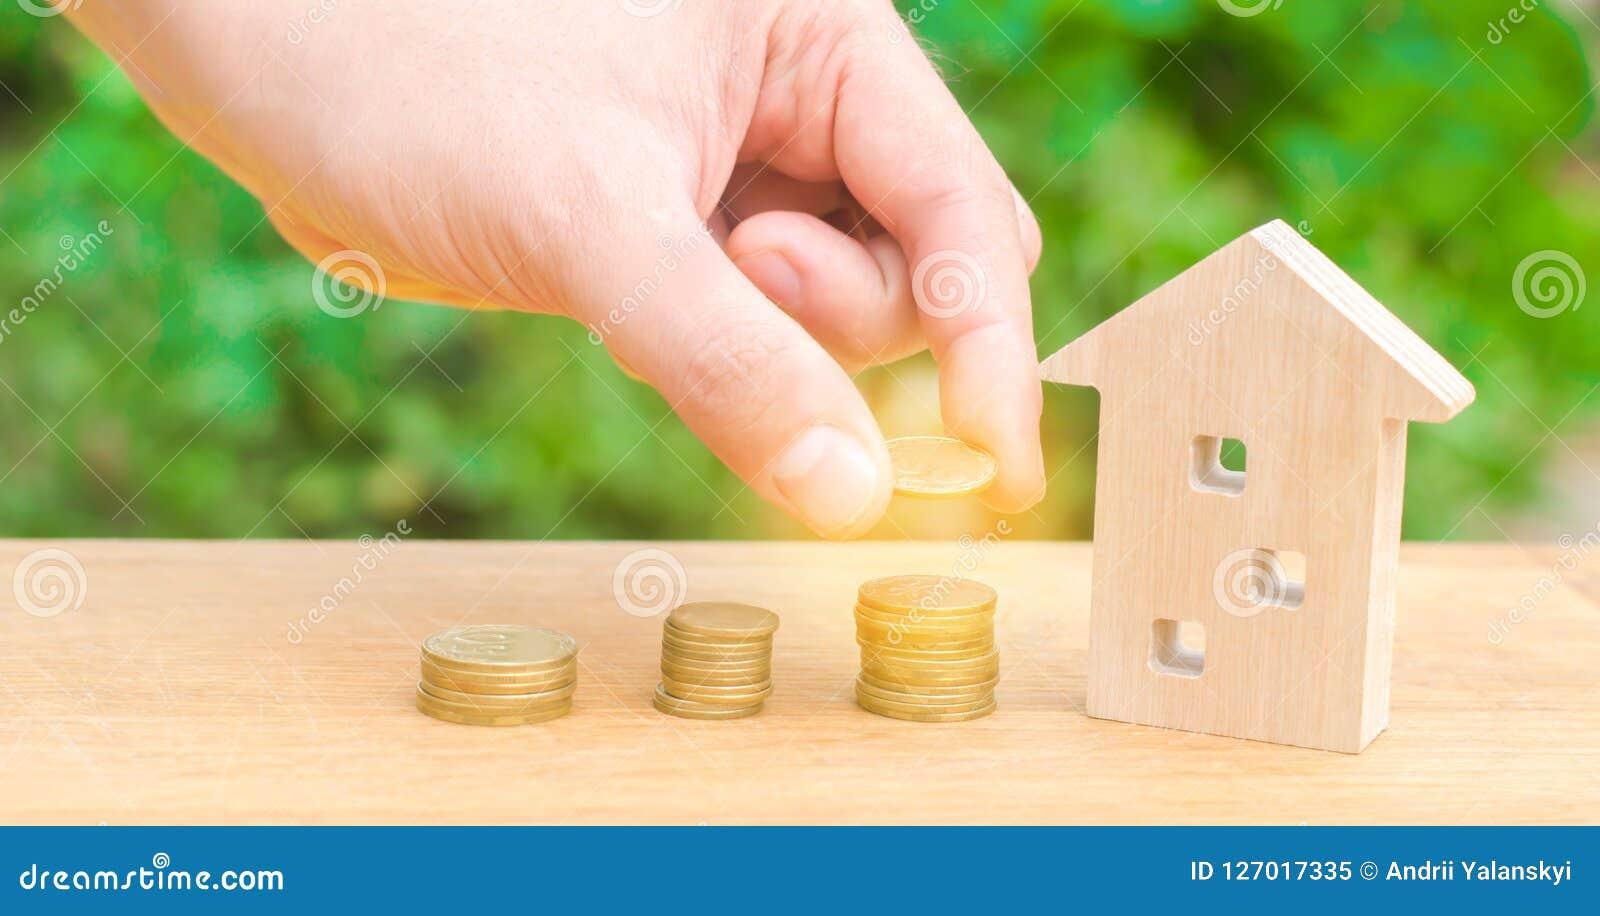 Begreppsinvestering i fastighet Sparande pengar som köper ett nytt hem Trähus och buntar av mynt från litet till stort Köpande r